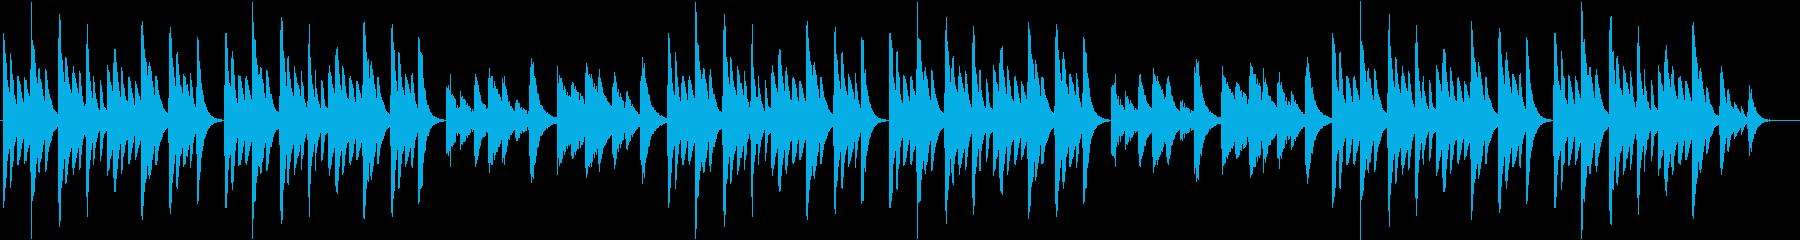 赤ちゃんのお昼寝用ヒーリングミュージックの再生済みの波形